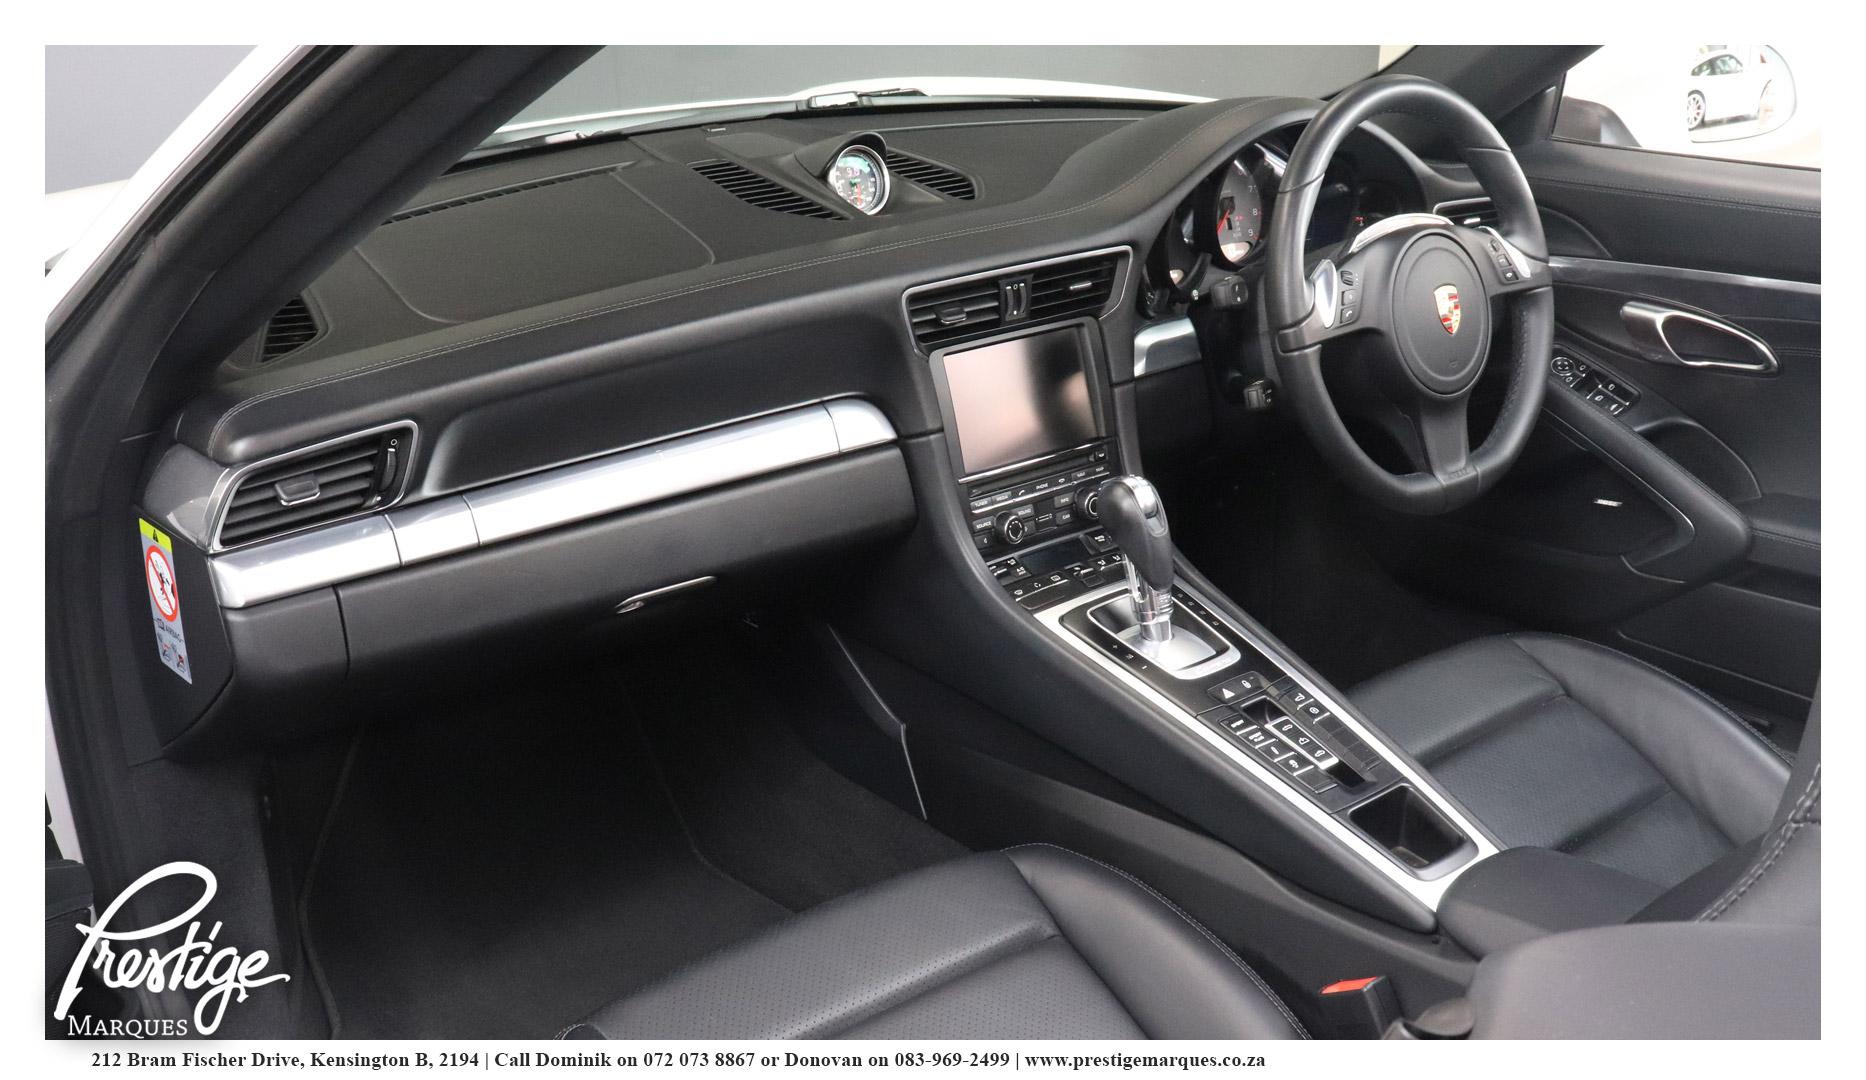 2013-Porsche-911-991-Carrera-4s-PDK-Cabriolet-Prestige-Marques-Randburg-Sandton-19